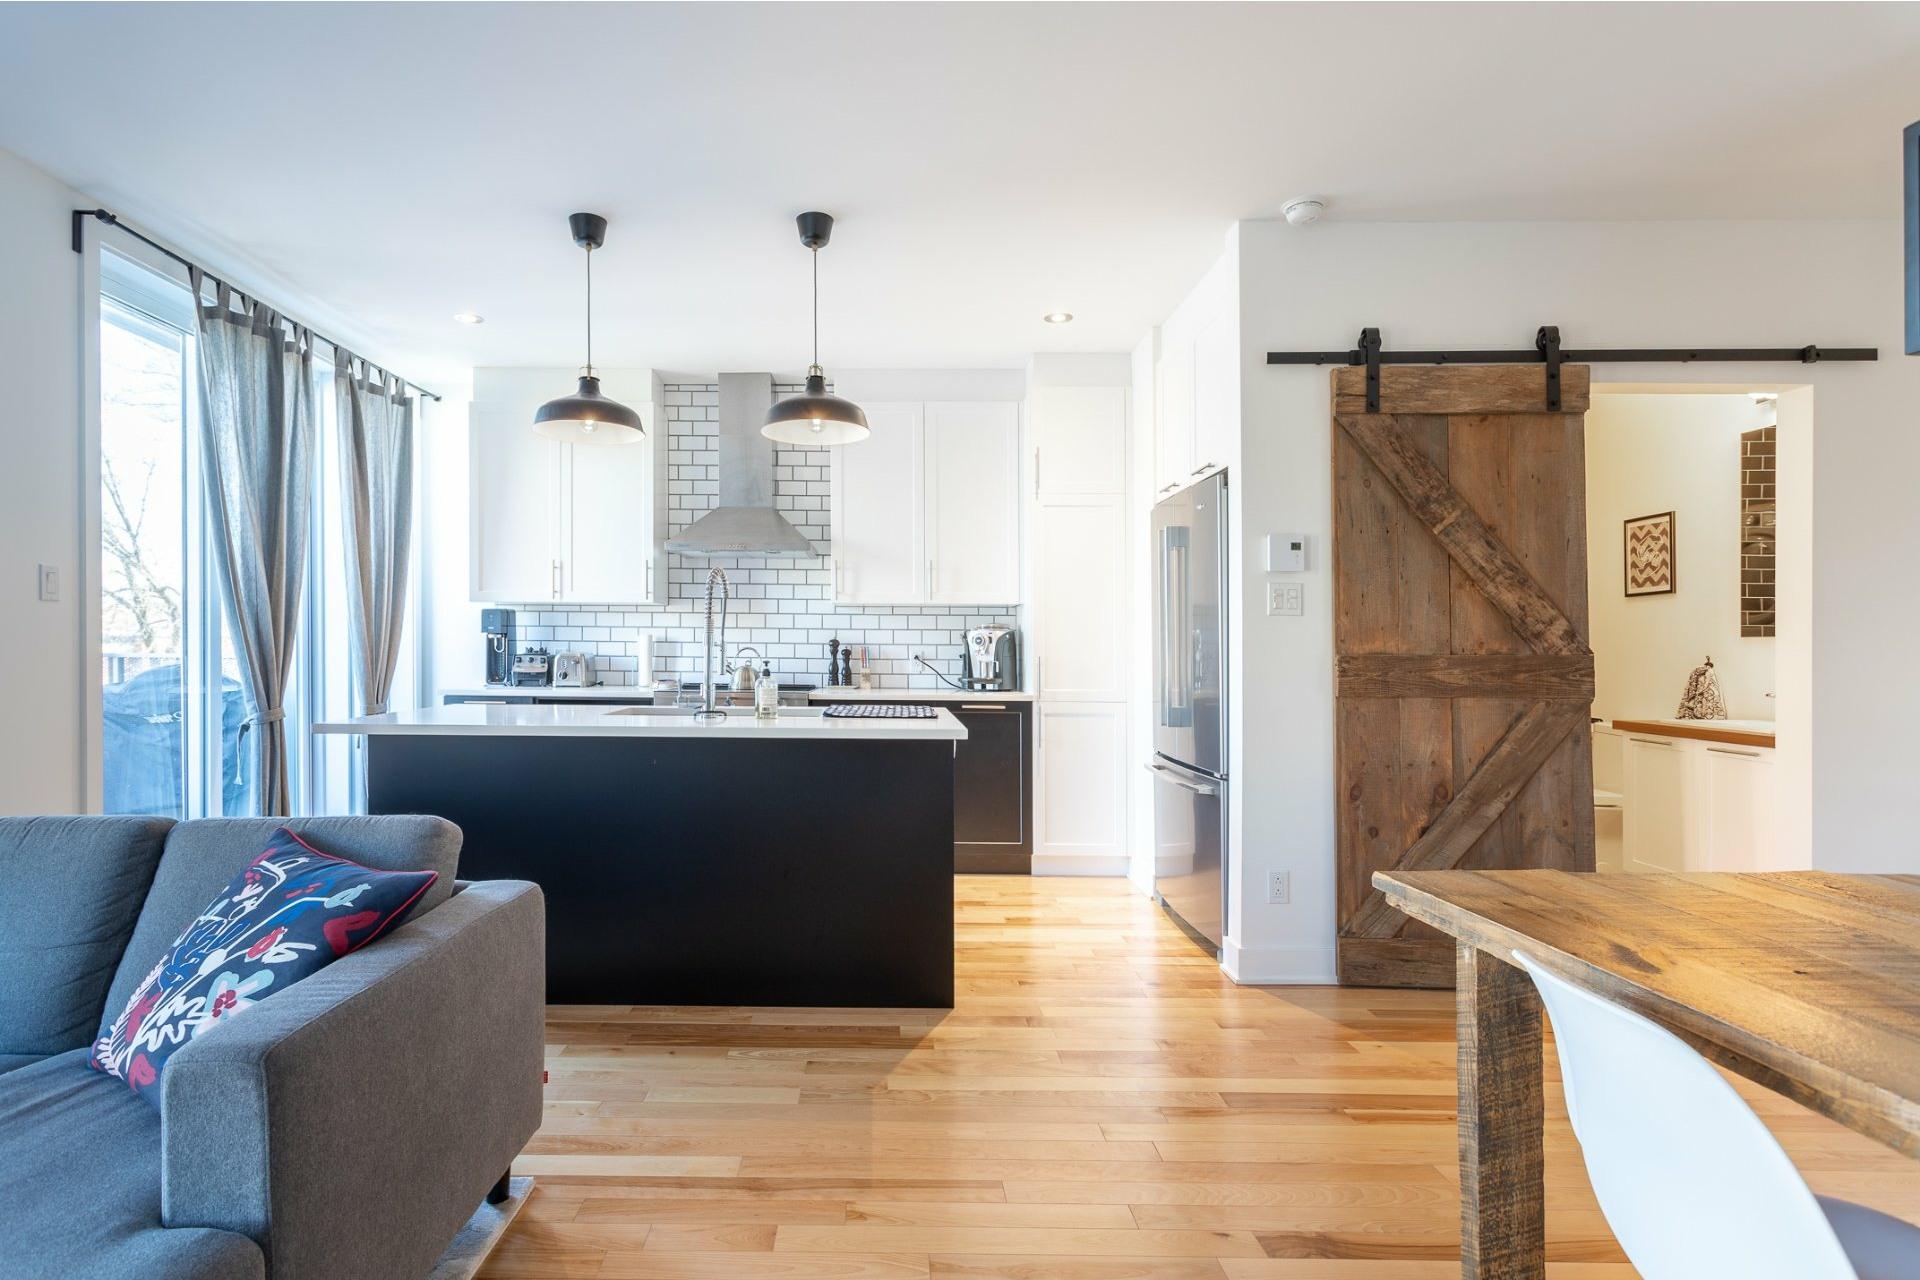 image 2 - Appartement À vendre Villeray/Saint-Michel/Parc-Extension Montréal  - 5 pièces